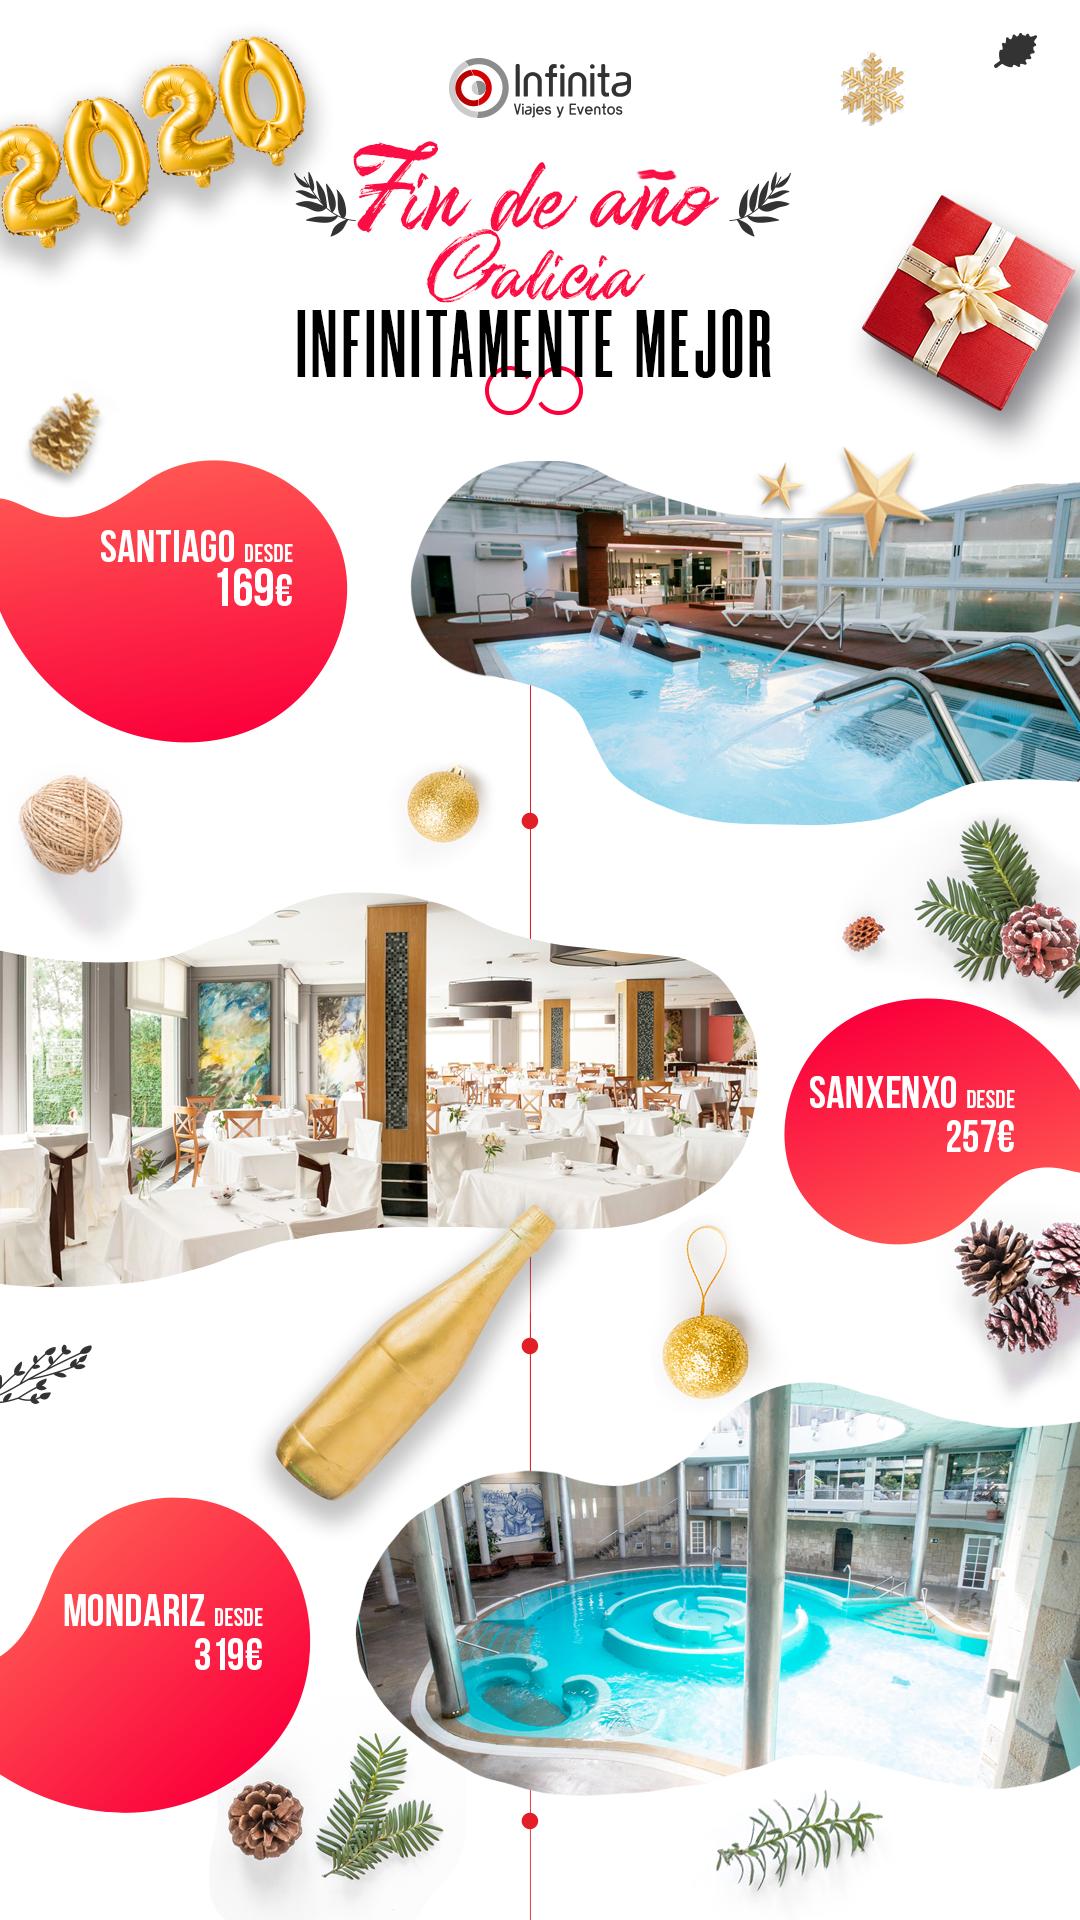 El mes de abril de 2019 marcó un nuevo hito en la intensa historia de Mr.Turismo pues emprendimos un fructífero viaje con Infinita Viajes y Eventos, agencia de viajes y organizadora de eventos con más de diez años de trayectoria y líder en Galicia de las reservas online.